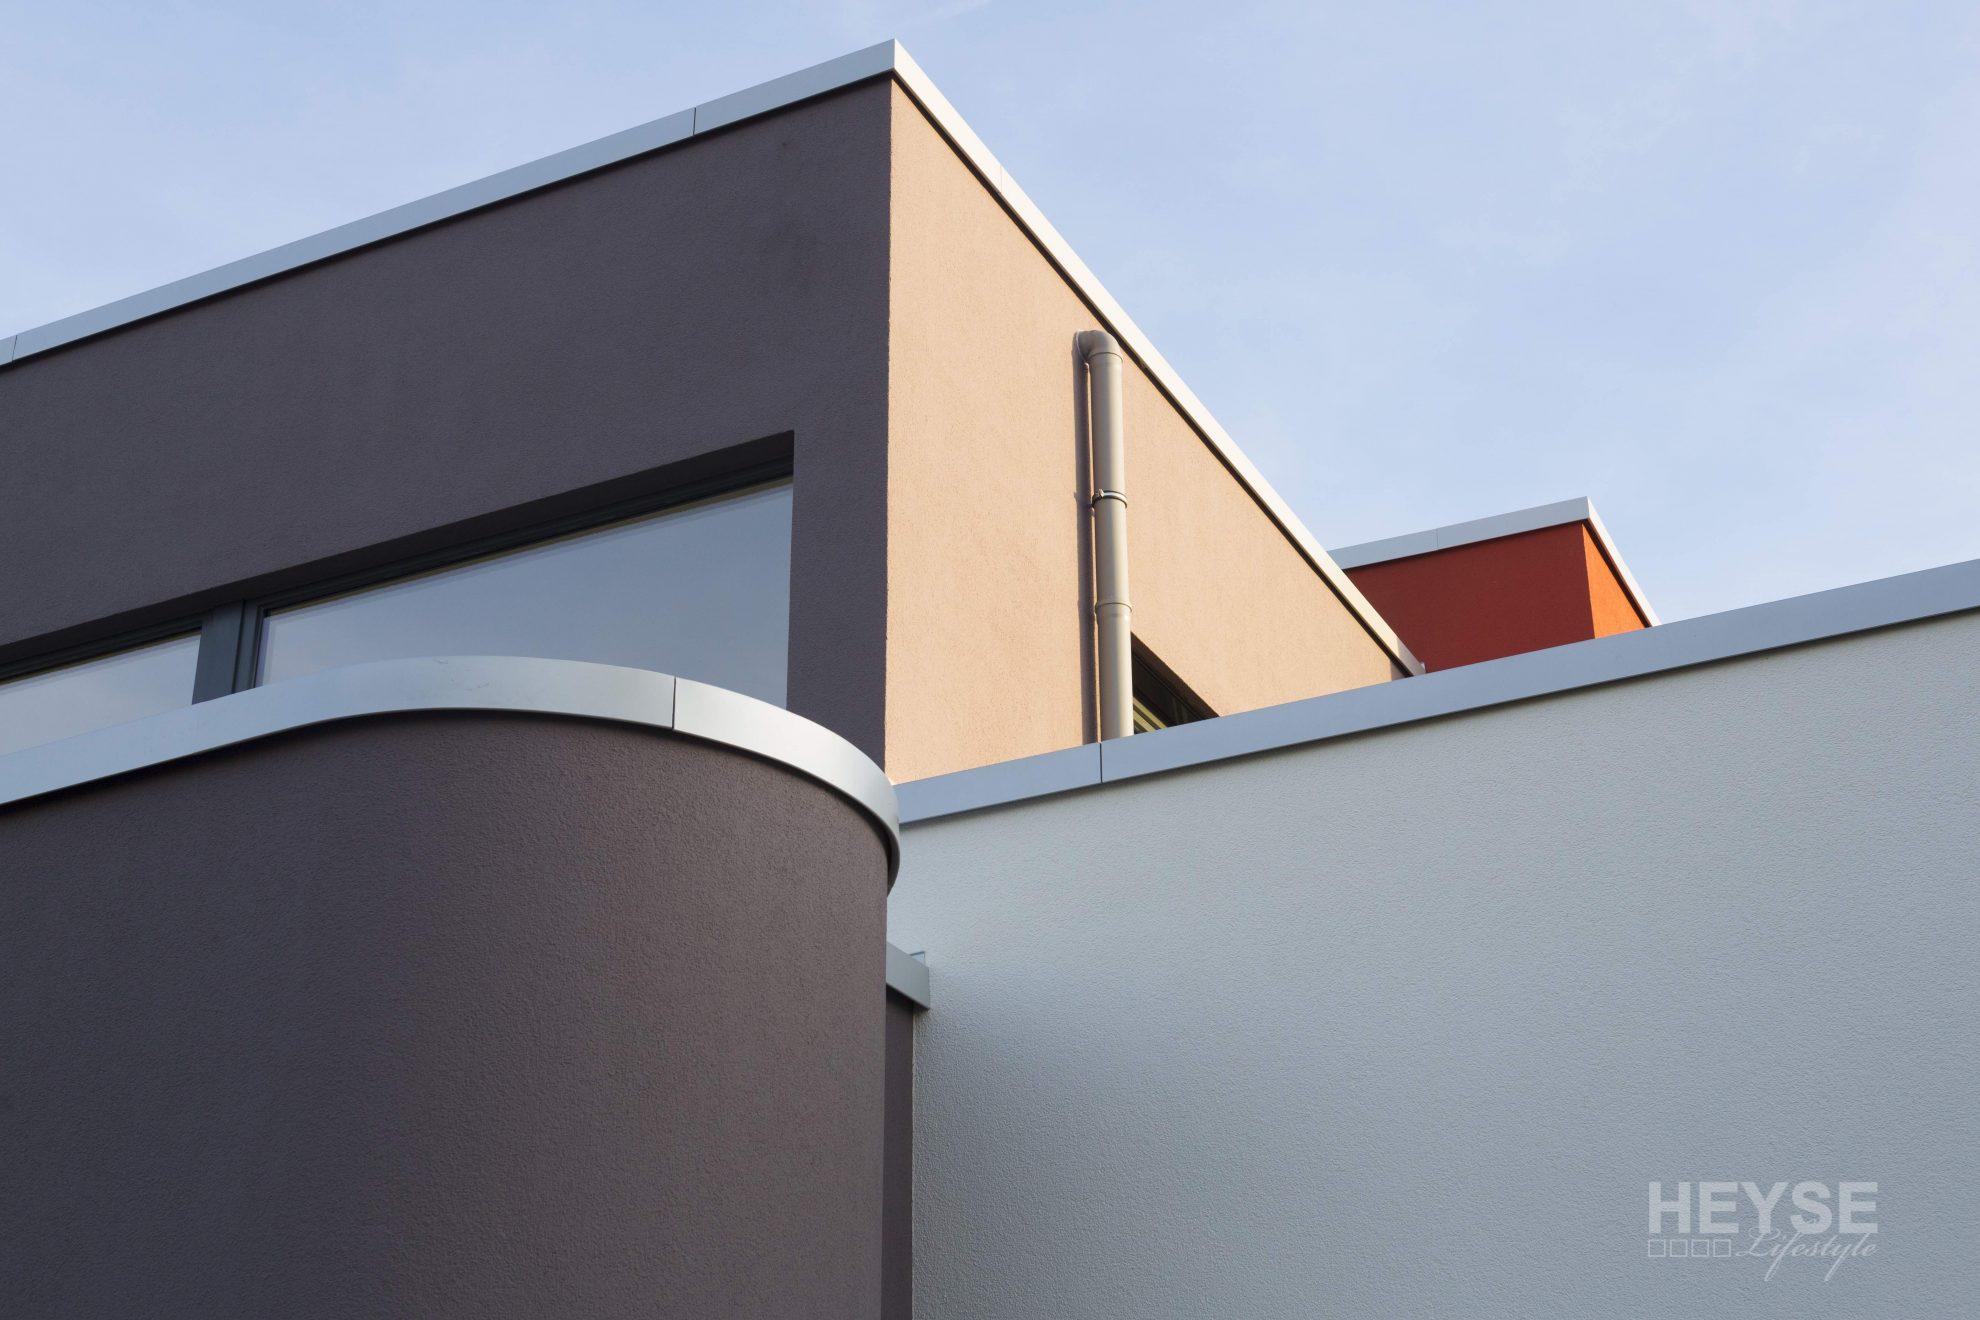 w rmed mmung fassade swalif. Black Bedroom Furniture Sets. Home Design Ideas